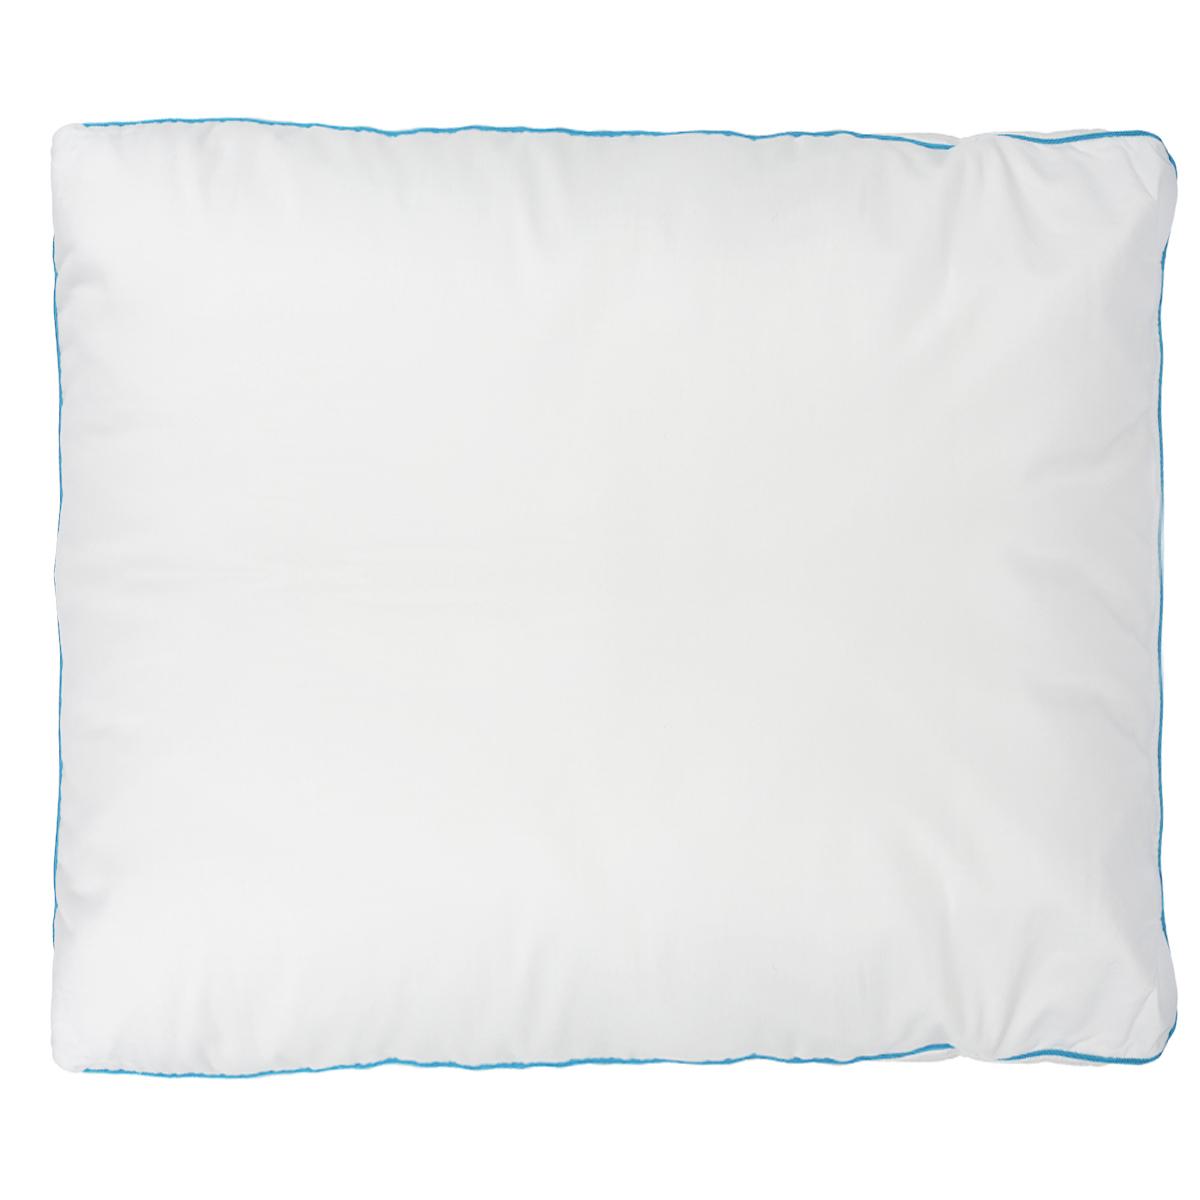 Подушка Dargez Меркурий, наполнитель: полое силиконизированное волокно Эстрелль, цвет: белый, 68 х 68 см03(12)251Подушка Dargez Меркурий подарит комфорт и уют во время сна. Чехол выполнен из инновационного полотна Outlast®. Наполнитель представляет собой шарики из полого силиконизированного волокна Эстрелль. Основные свойства волокна: - хорошая терморегуляция, - свободная циркуляция воздуха, - быстрое восстановление формы, - благоприятный климат во время сна, - мягкость и упругость, - удобство в эксплуатации и легкость стирки. Технология Outlast® обеспечит прекрасное самочувствие: постельные принадлежности принимают на себя тепло вашего тела, если тело слишком нагревается, и отдают тепло обратно, когда вам это необходимо. Постельные принадлежности Outlast® образуют буфер для микроклимата на вашей коже и таким образом защищают тело от перегрева и потообразования. Кроме того, компенсируется различное восприятие тепла и холода партнерами. Благодаря этому вы лучше засыпаете и просыпаетесь отдохнувшим. Рекомендации по уходу:...